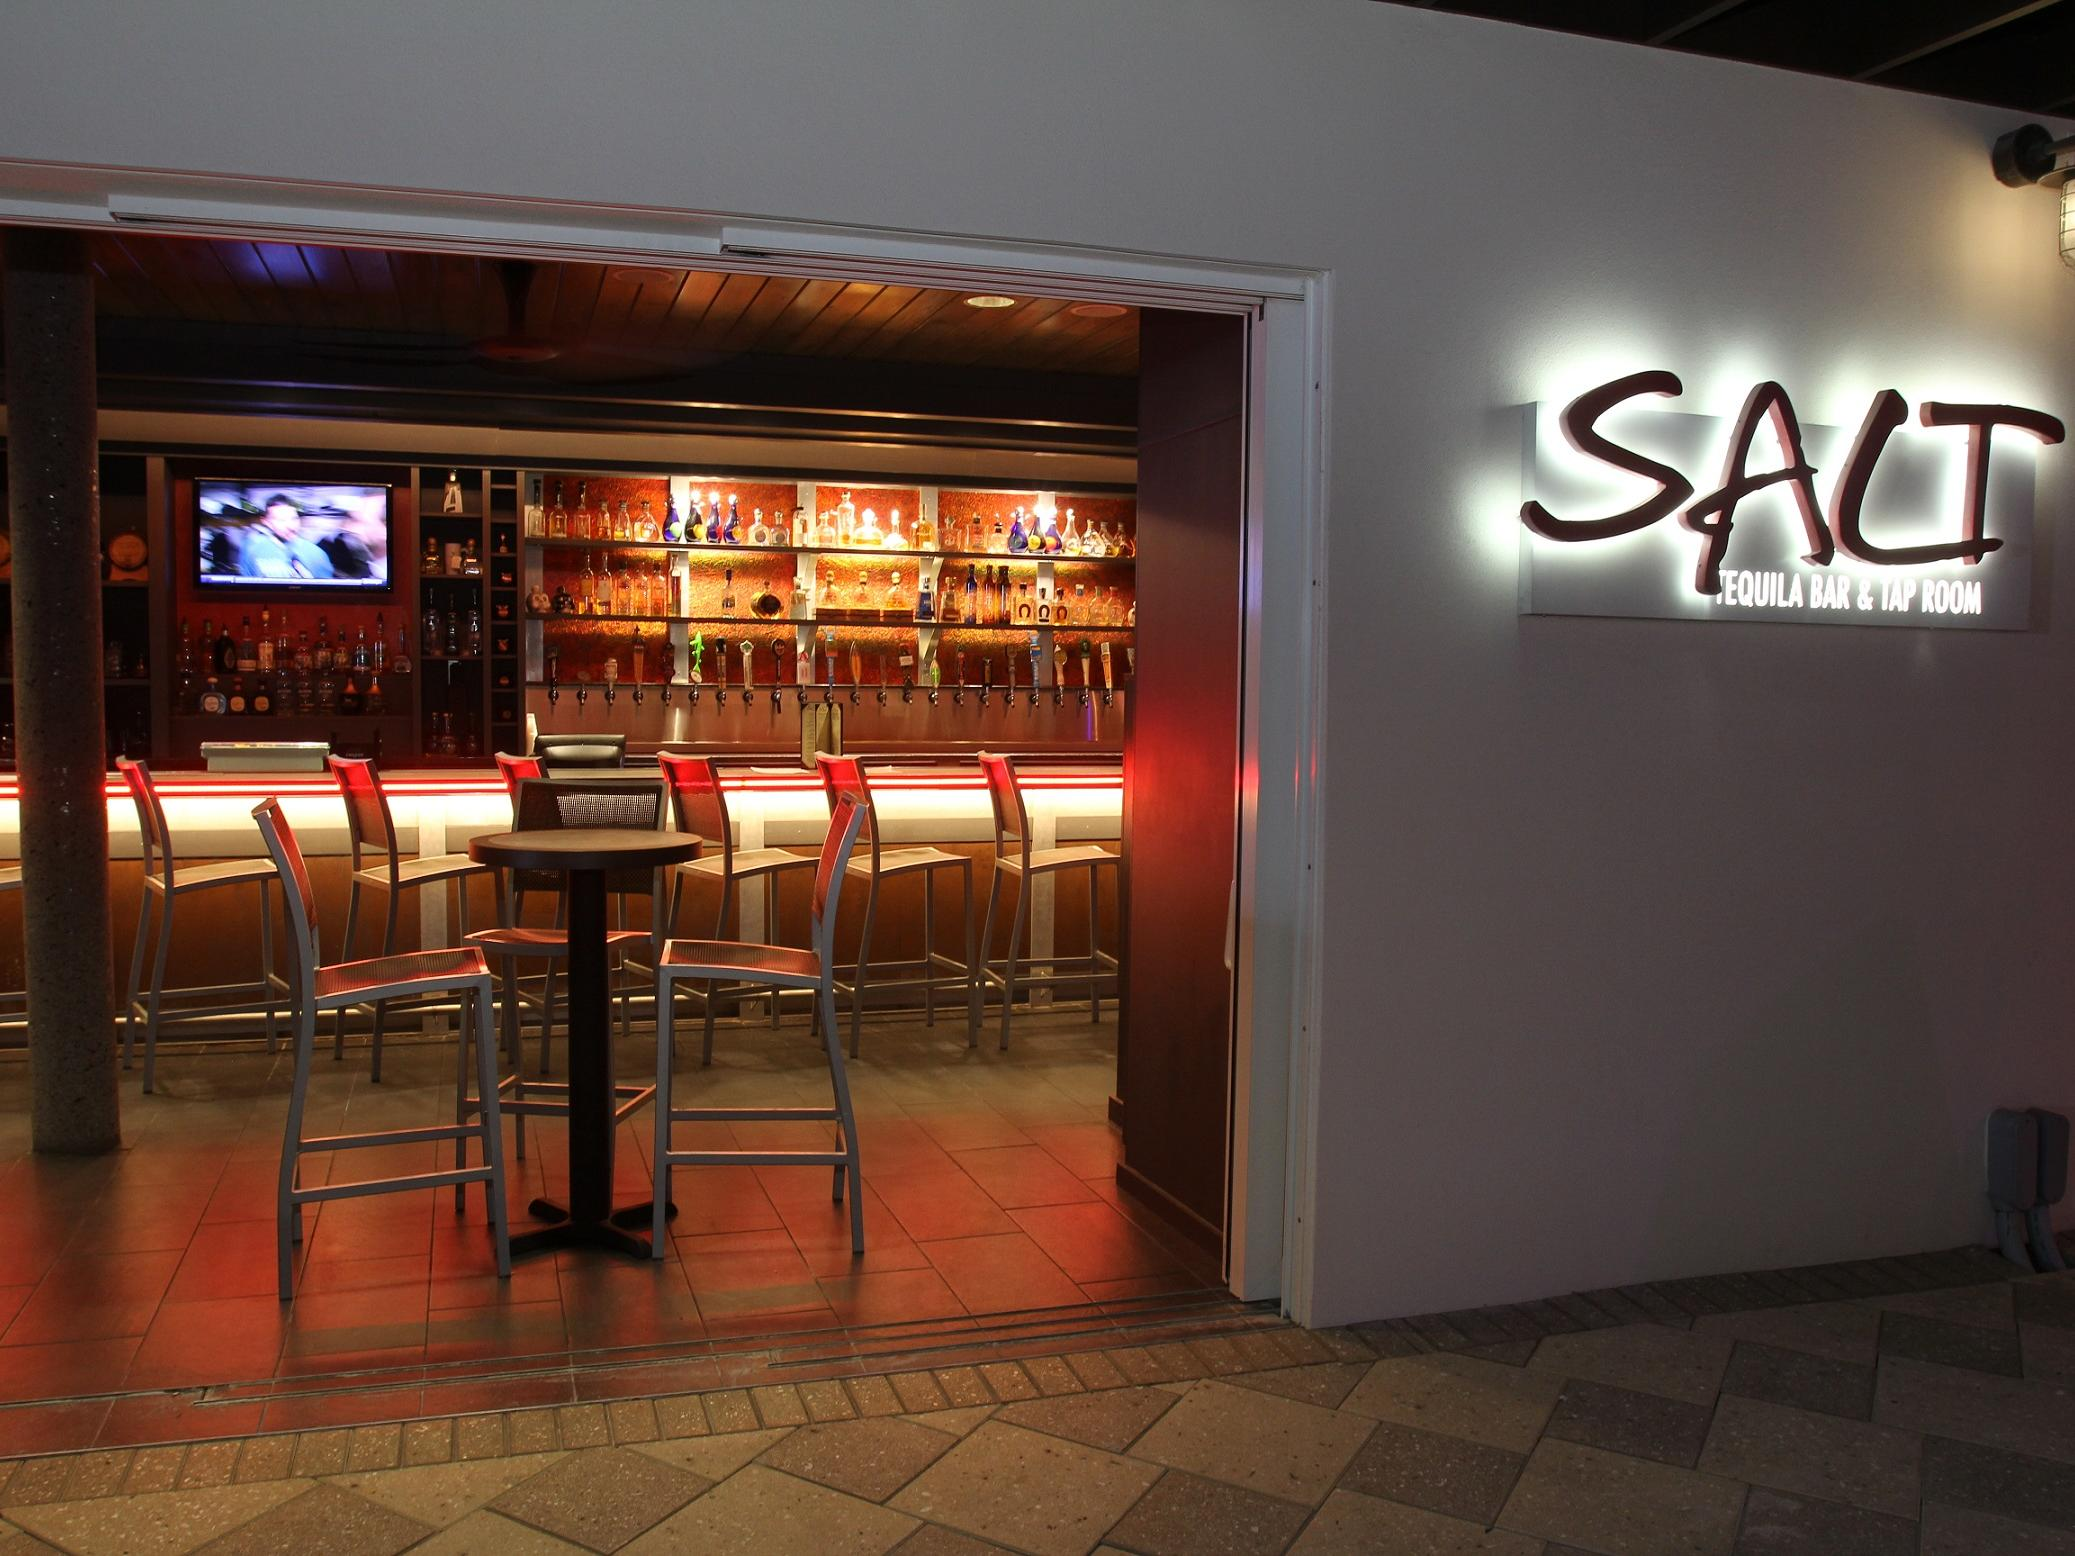 Entrance of Salt Tequila Bar in Shephard's Beach Resort